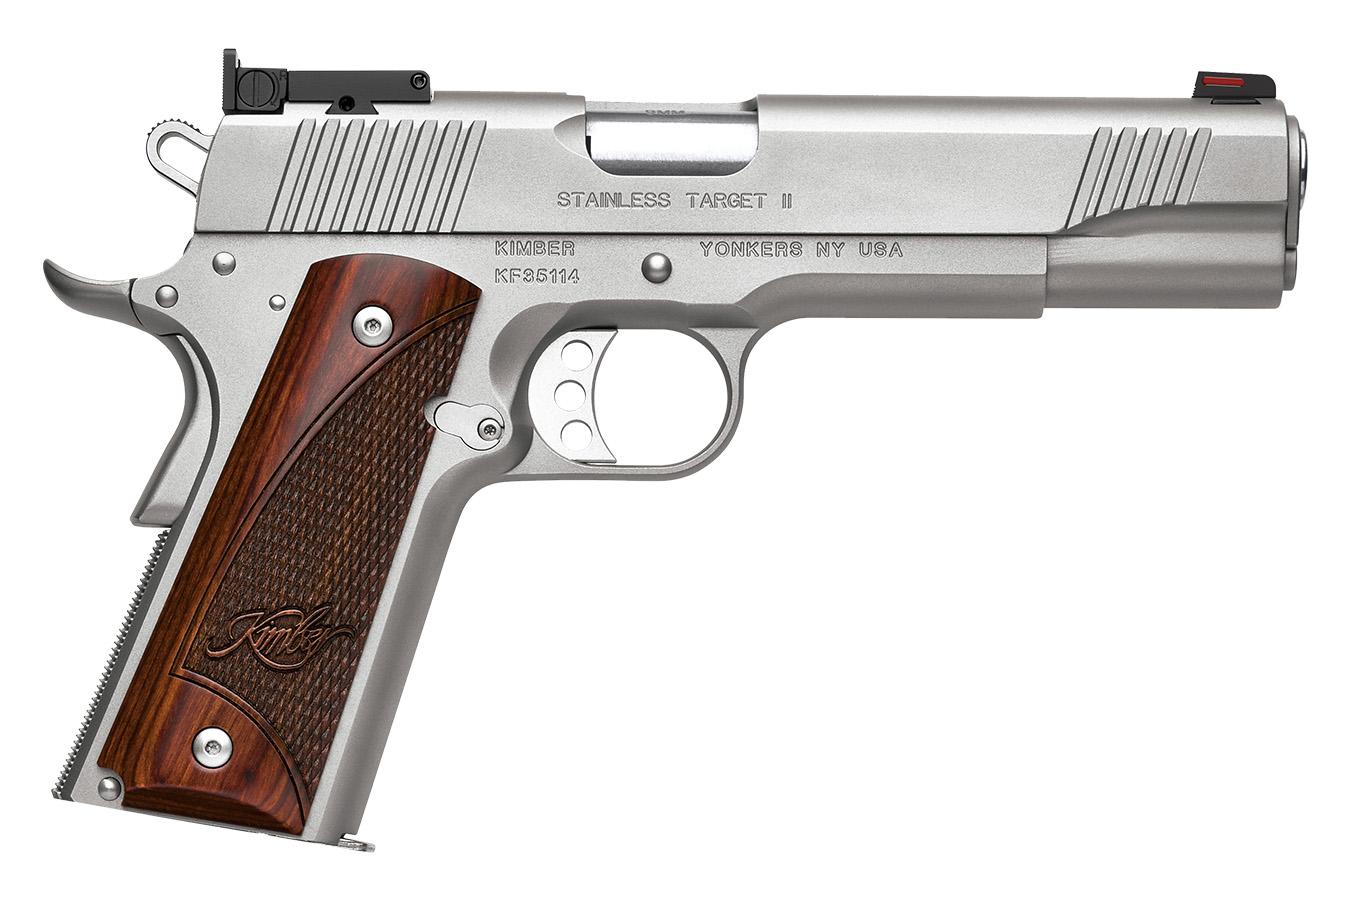 Le modèle « 1911 Stainless Target II » en calibre .45 ACP constitue, grâce à la présence d'une hausse micrométrique, une alternative que nous recommandons aux tireurs sportifs.